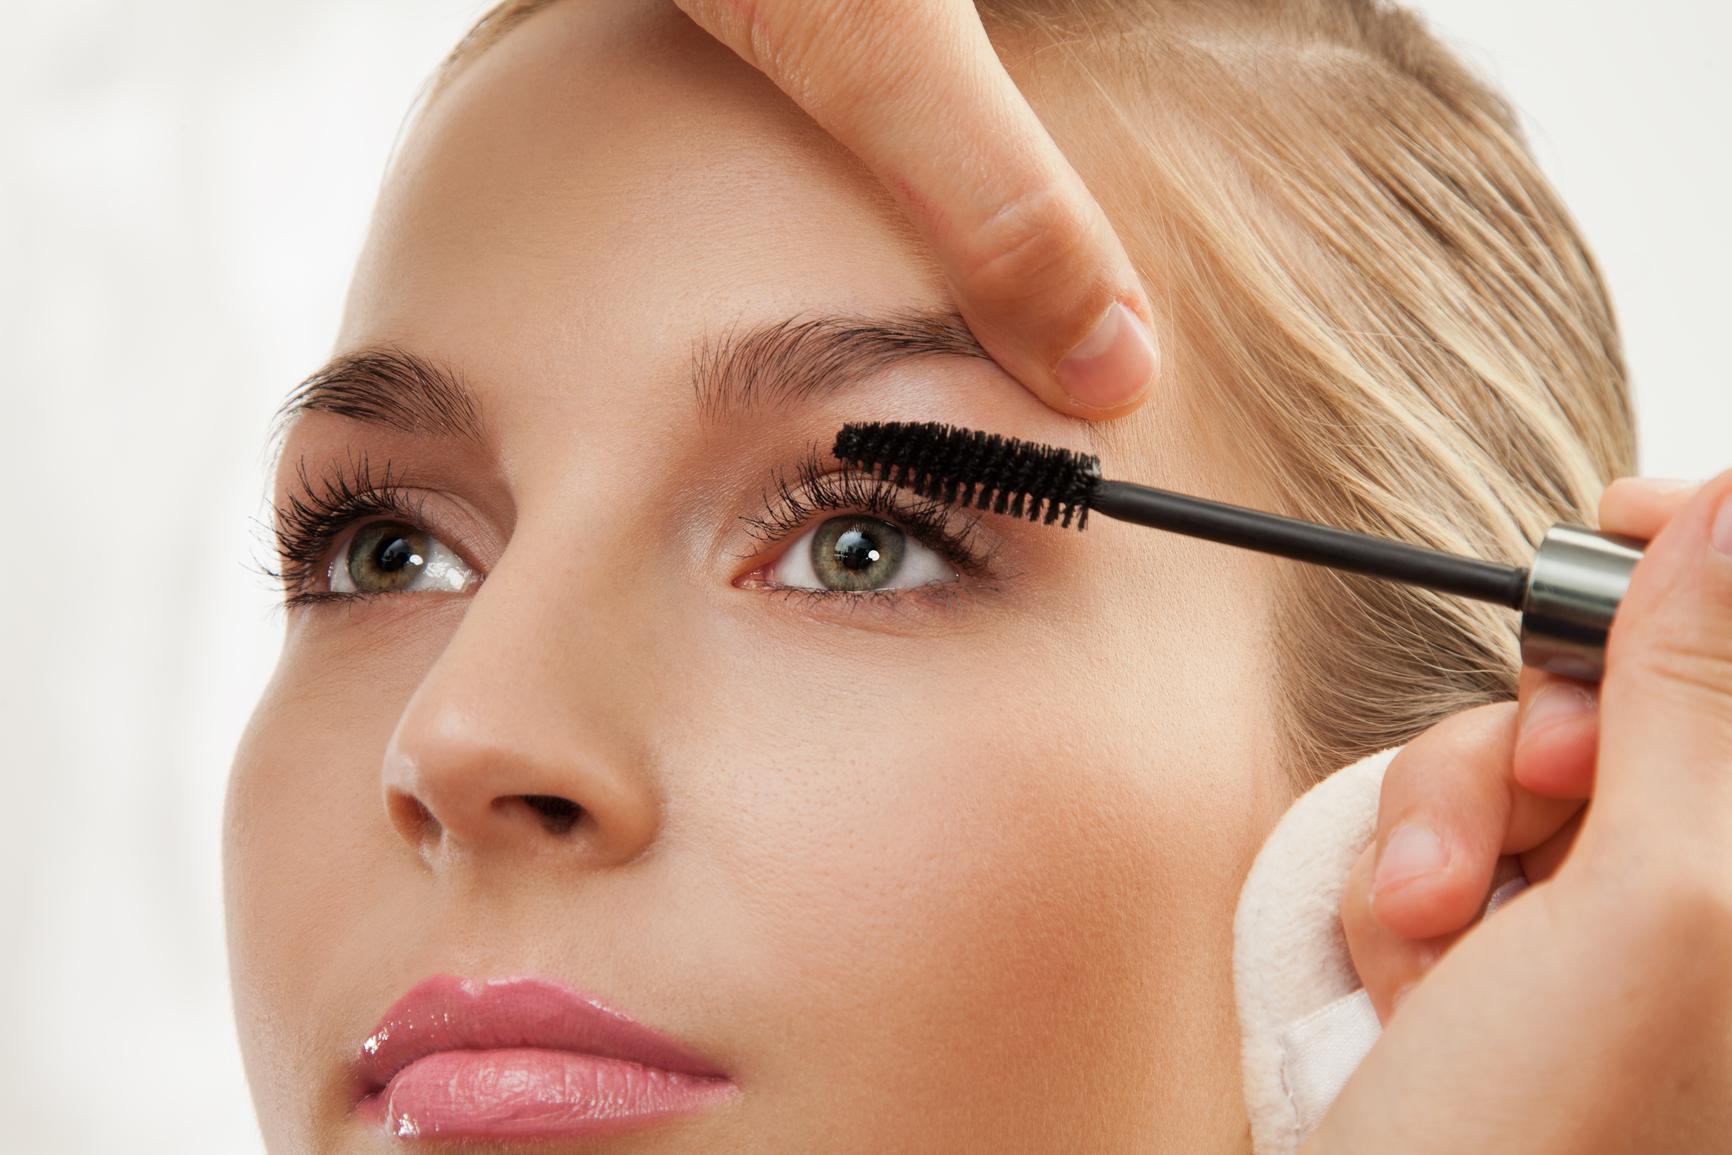 Passar rímel ou lápis de olho para destacar o olhar